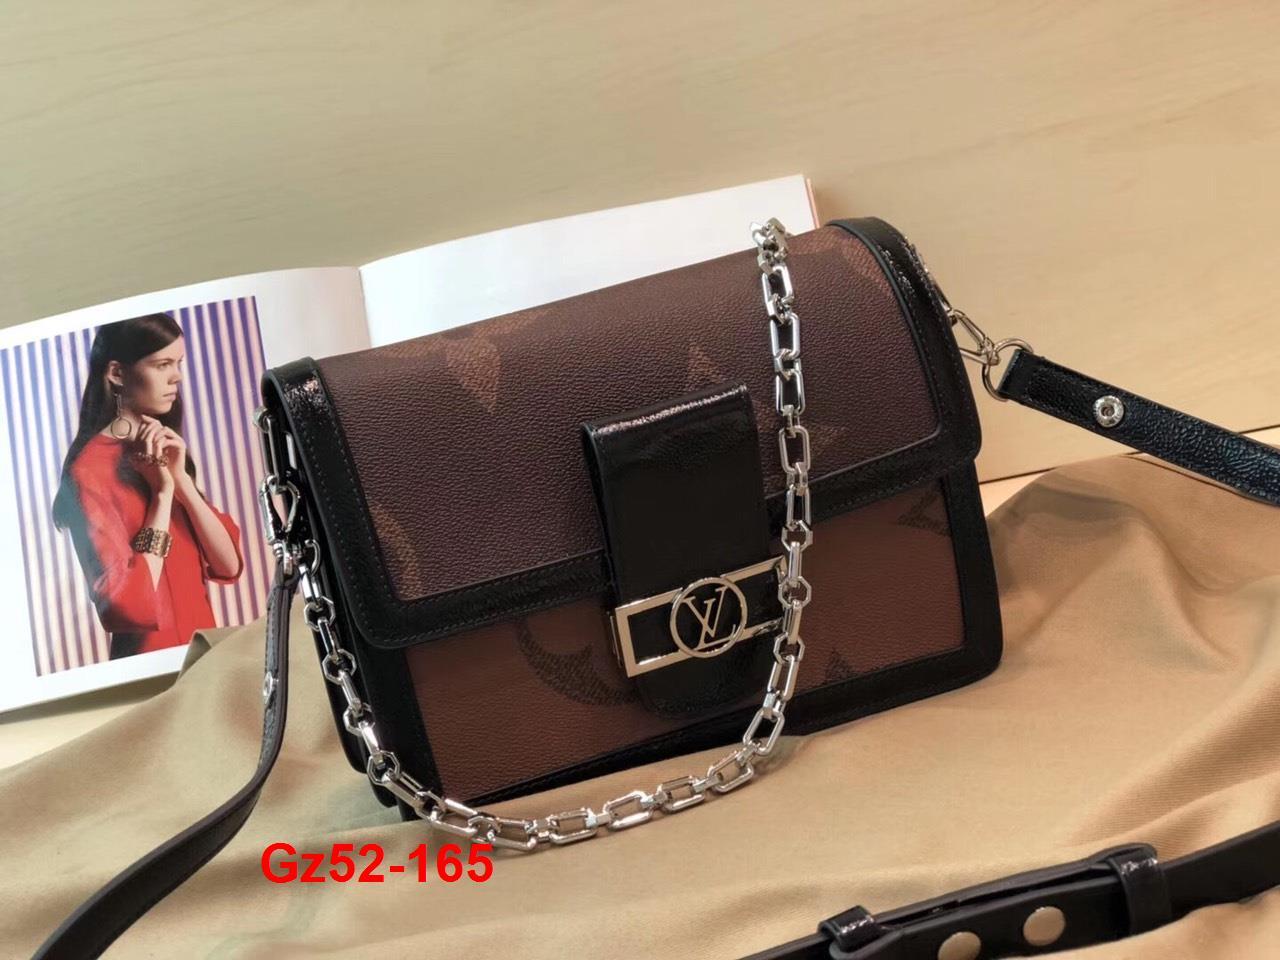 Gz52-165 Louis Vuitton túi size 25cm siêu cấp